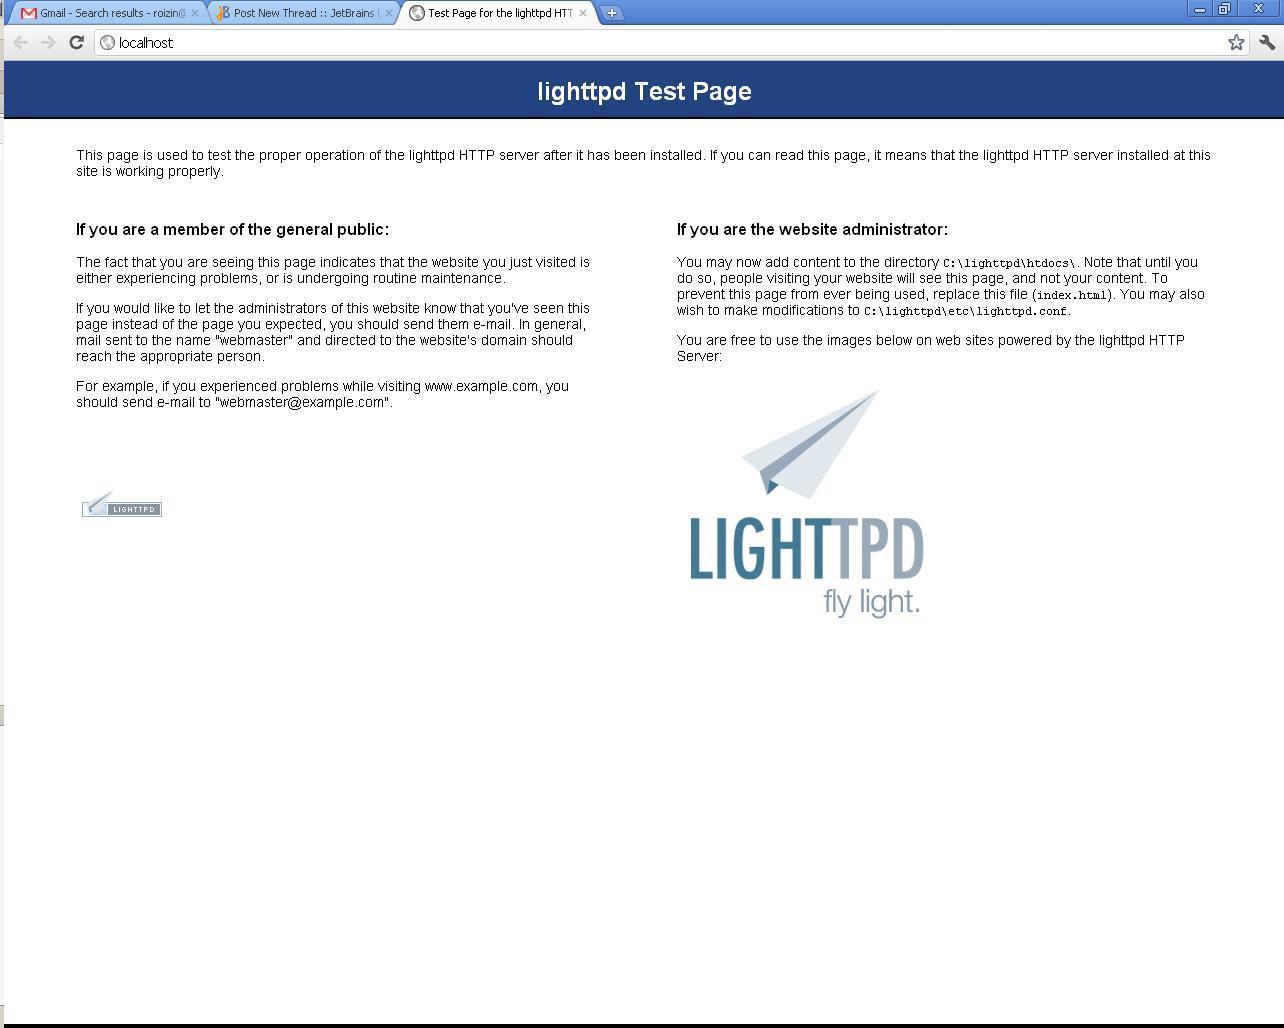 lighttpd.JPG